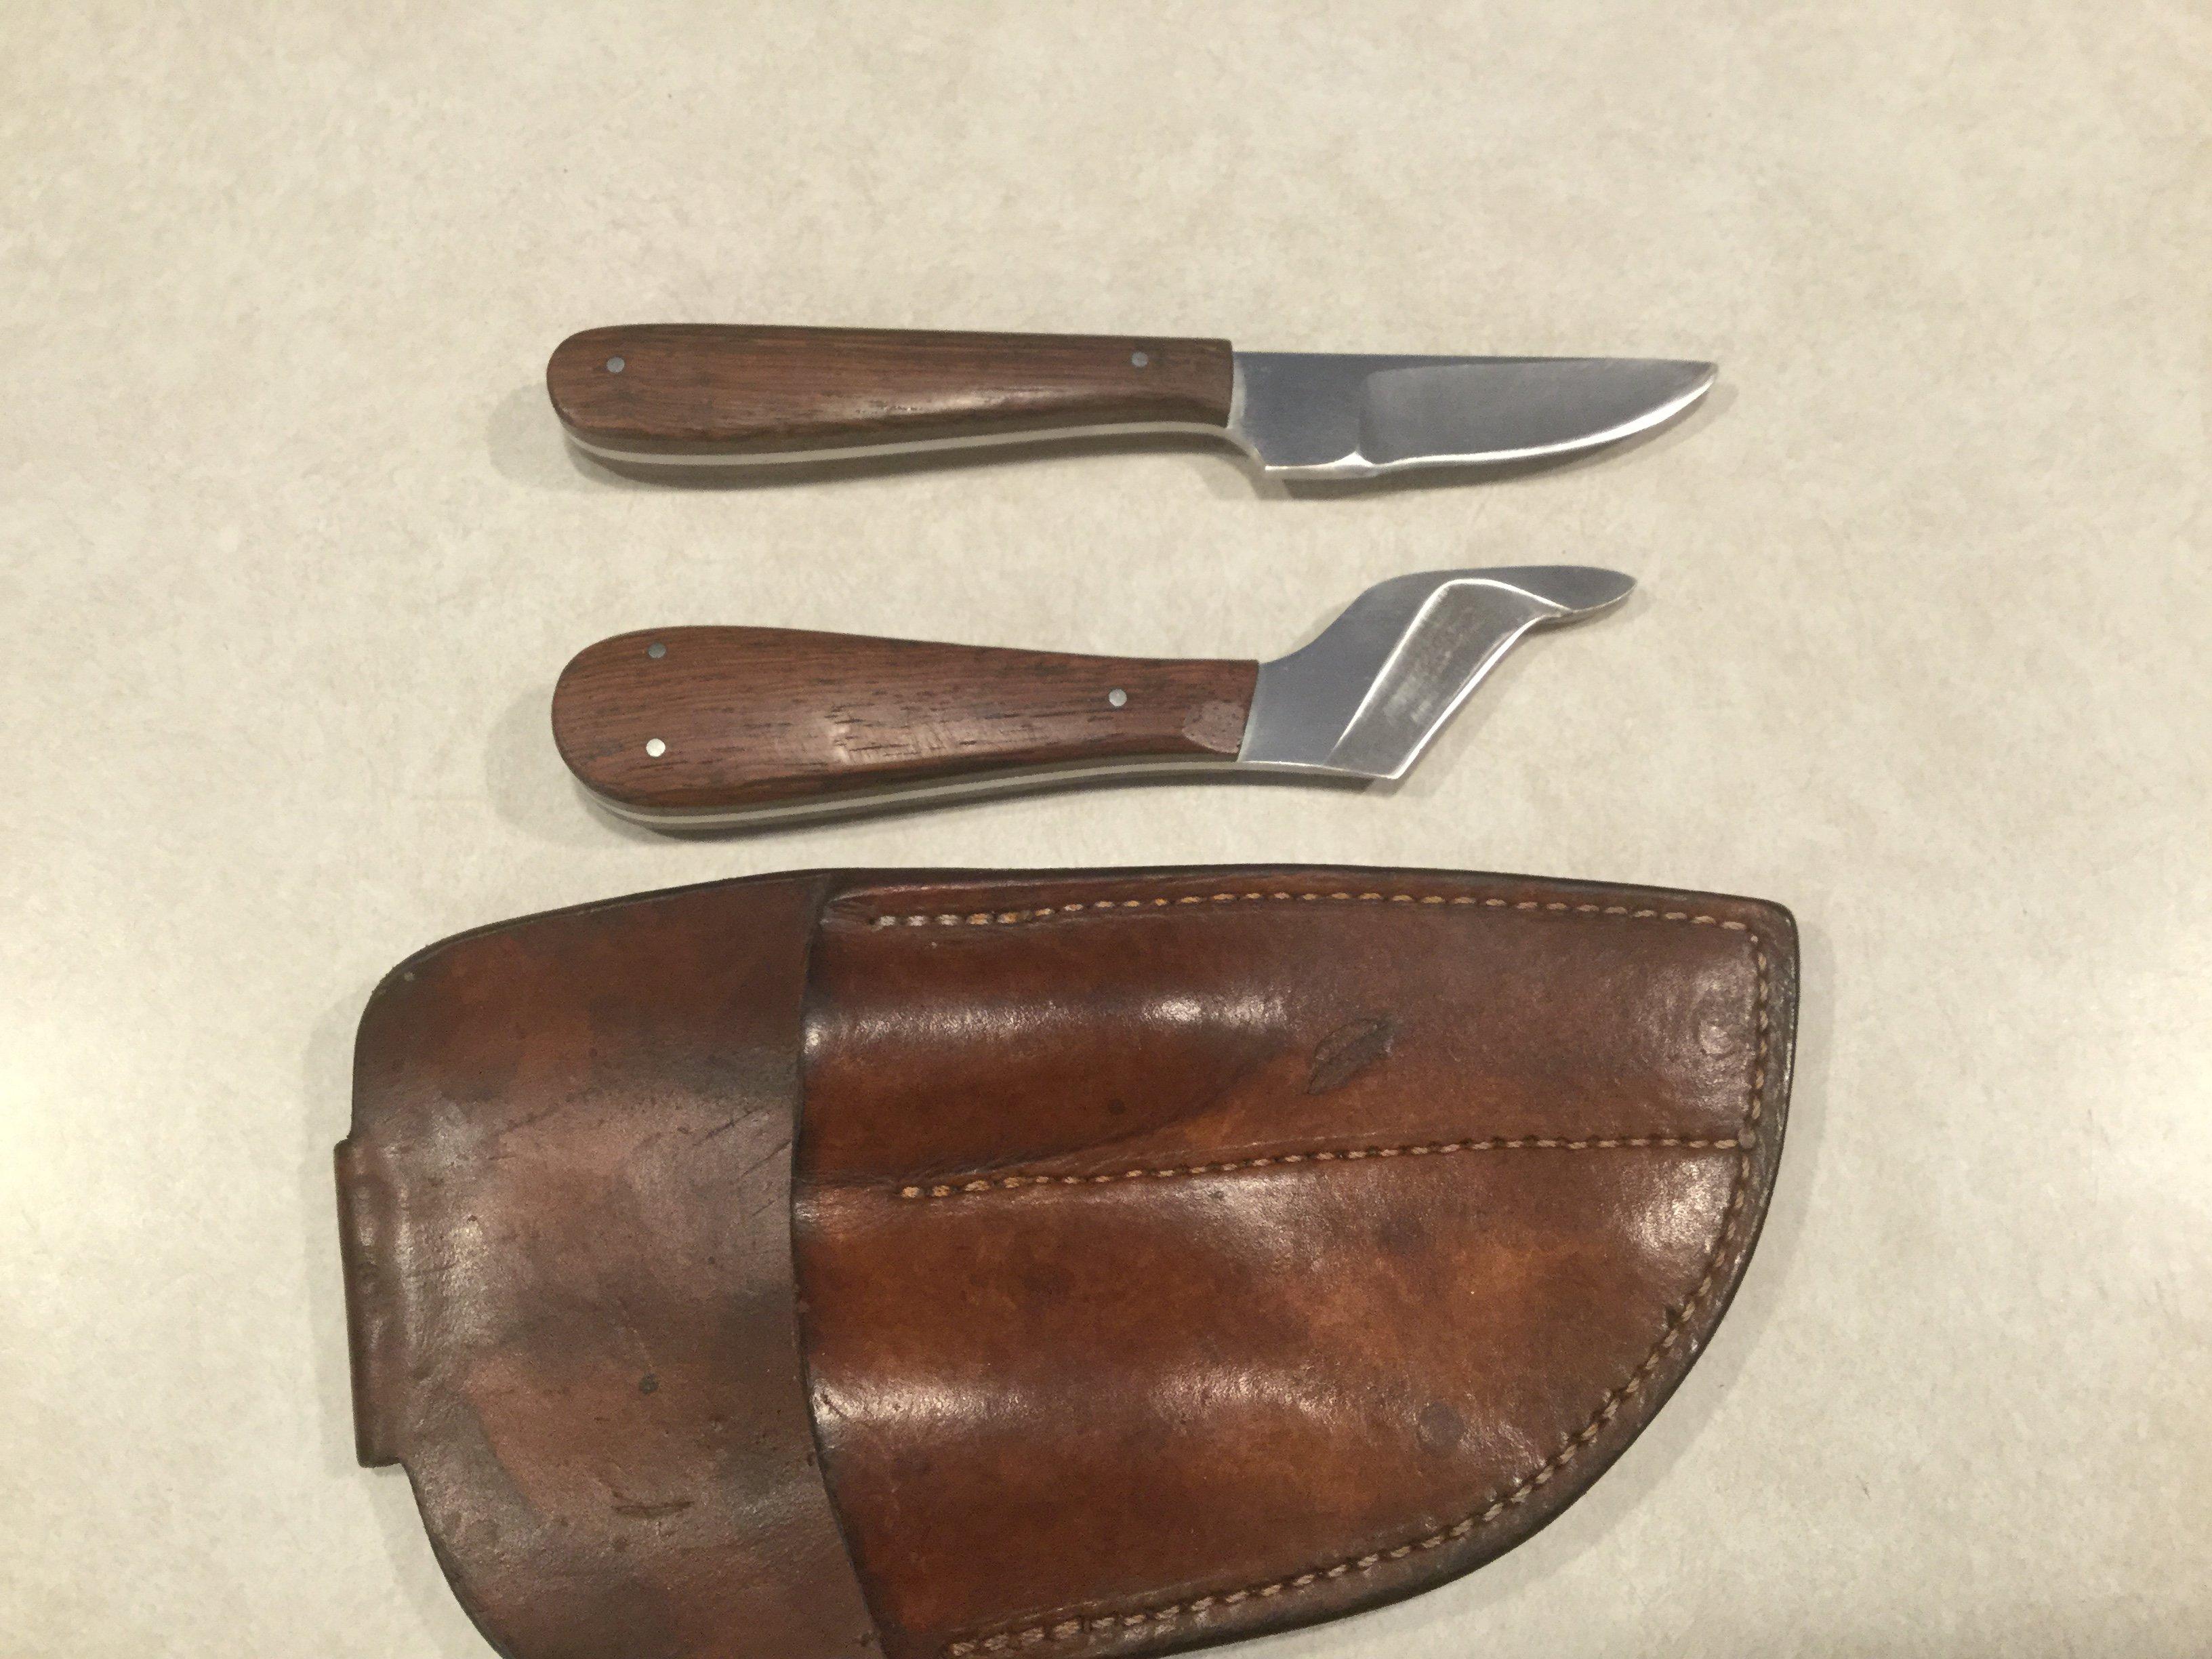 SOLD  J Toner knife set for sale  - Classified Ads